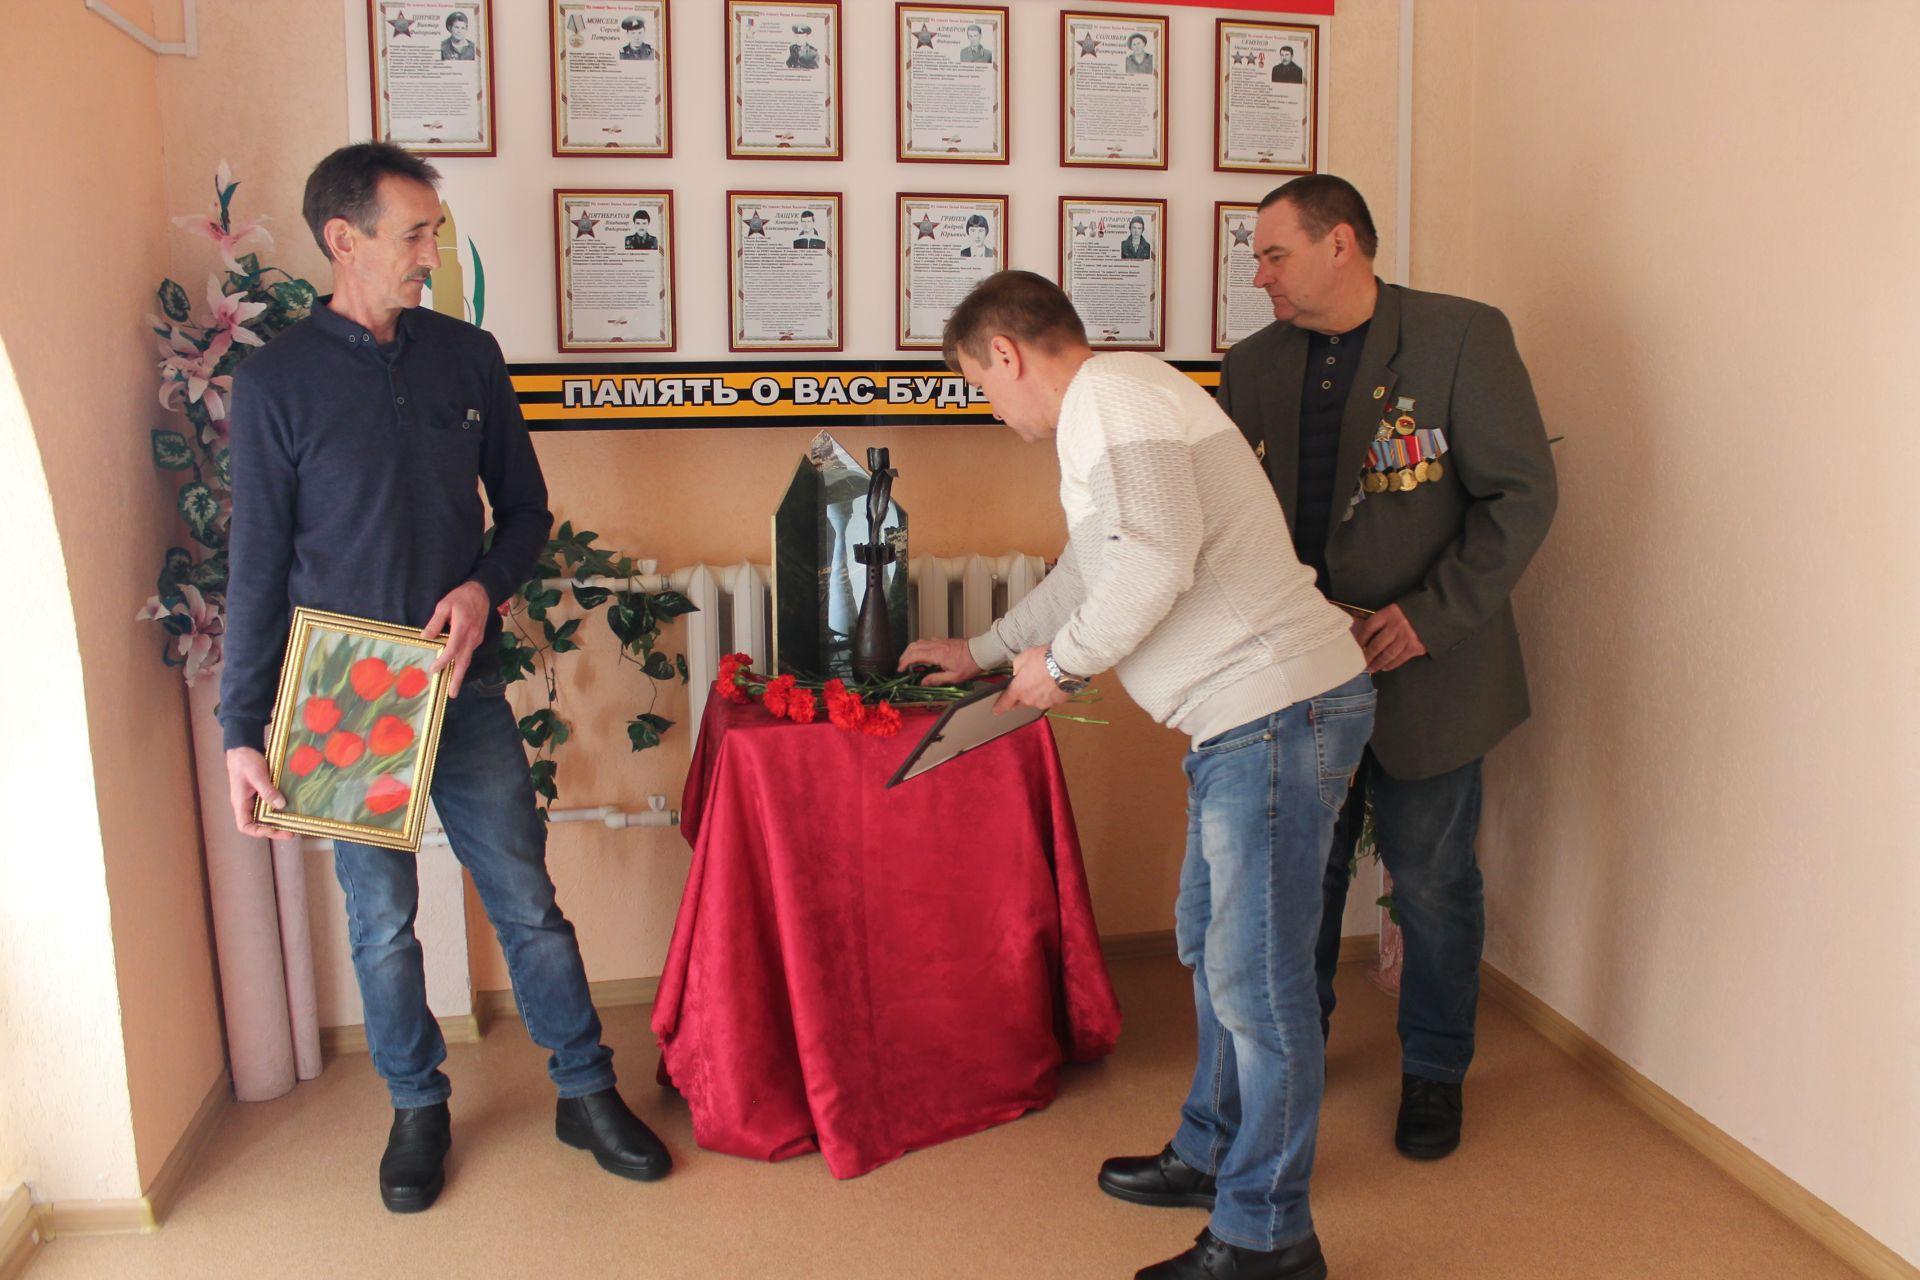 В Центре внешкольной работы п. Шолоховского прошел концерт, посвященный 31-й годовщине вывода Советских войск из Афганистана